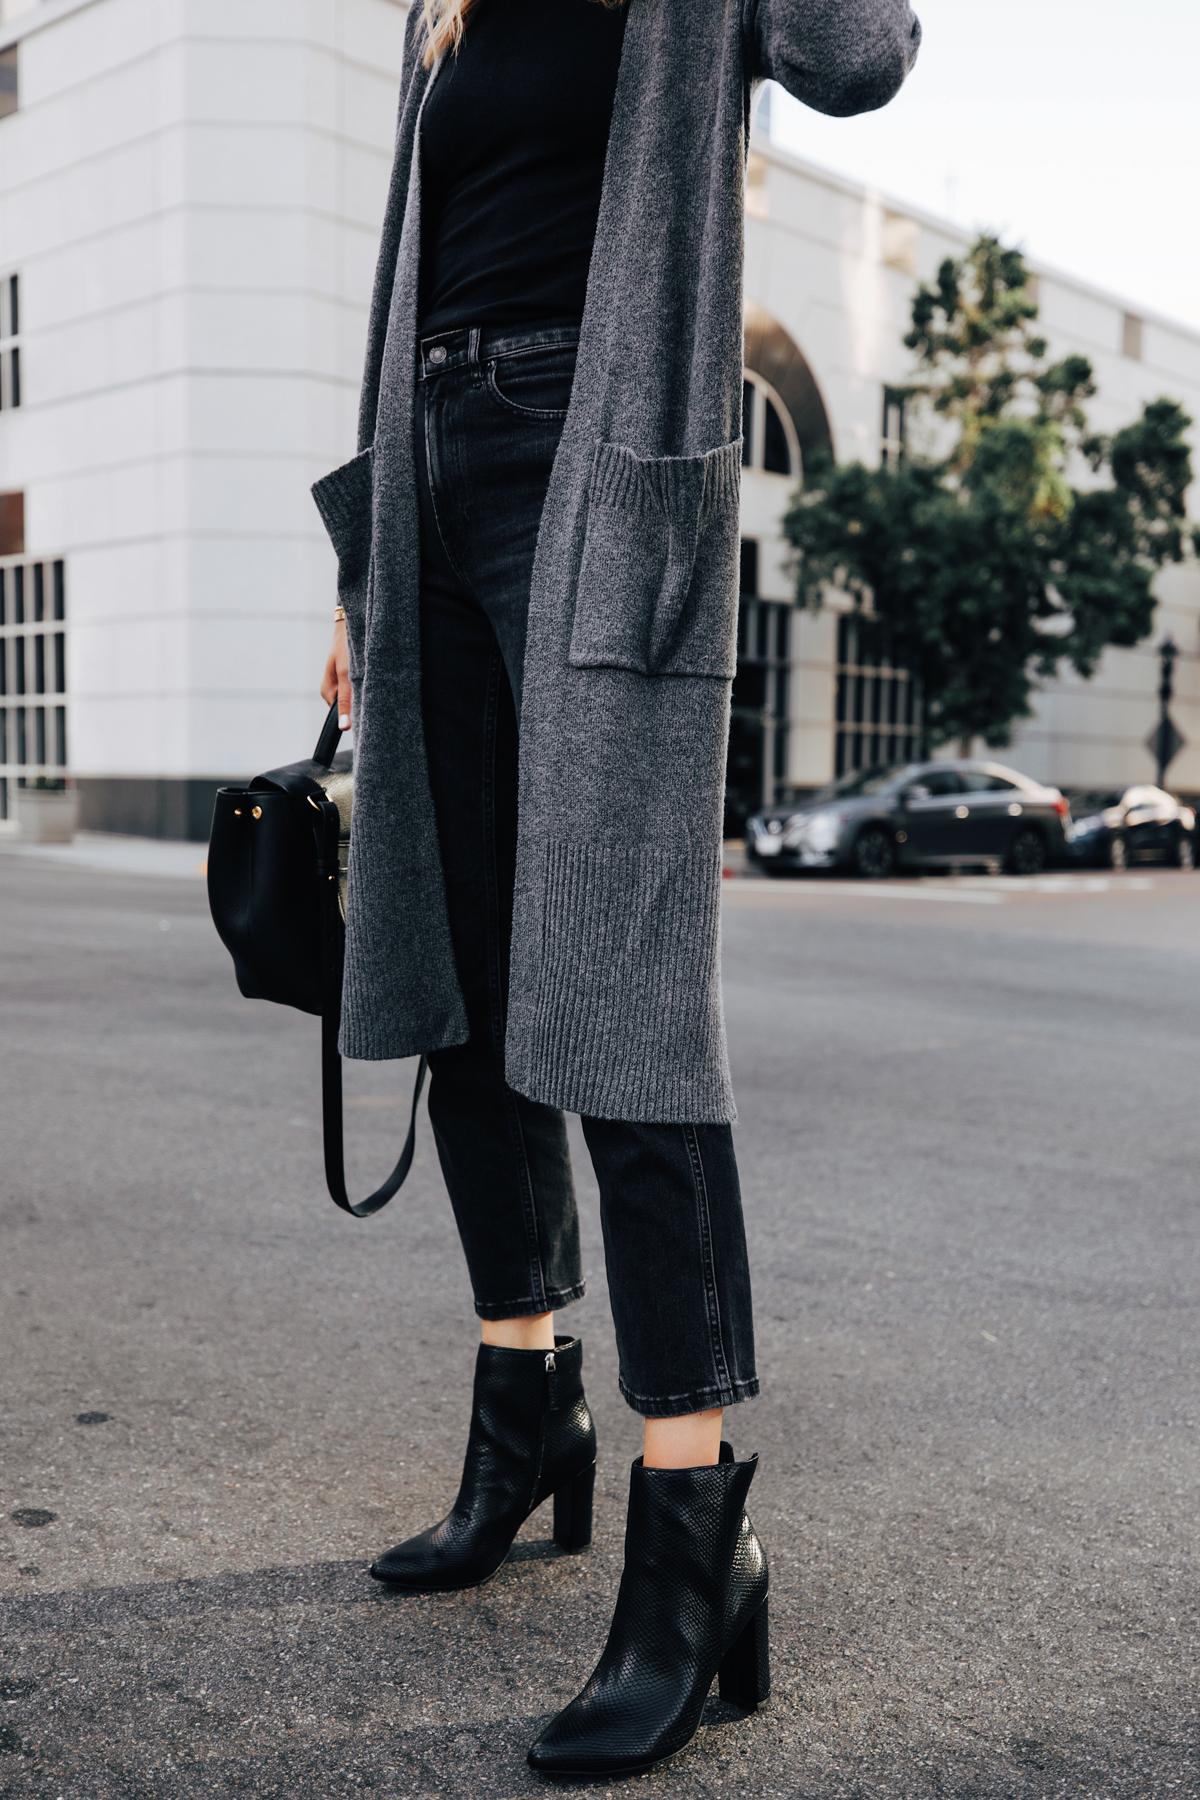 Fashion Jackson Wearing Long Grey Cardigan Black Cropped Jeans Black Snakeskin Booties